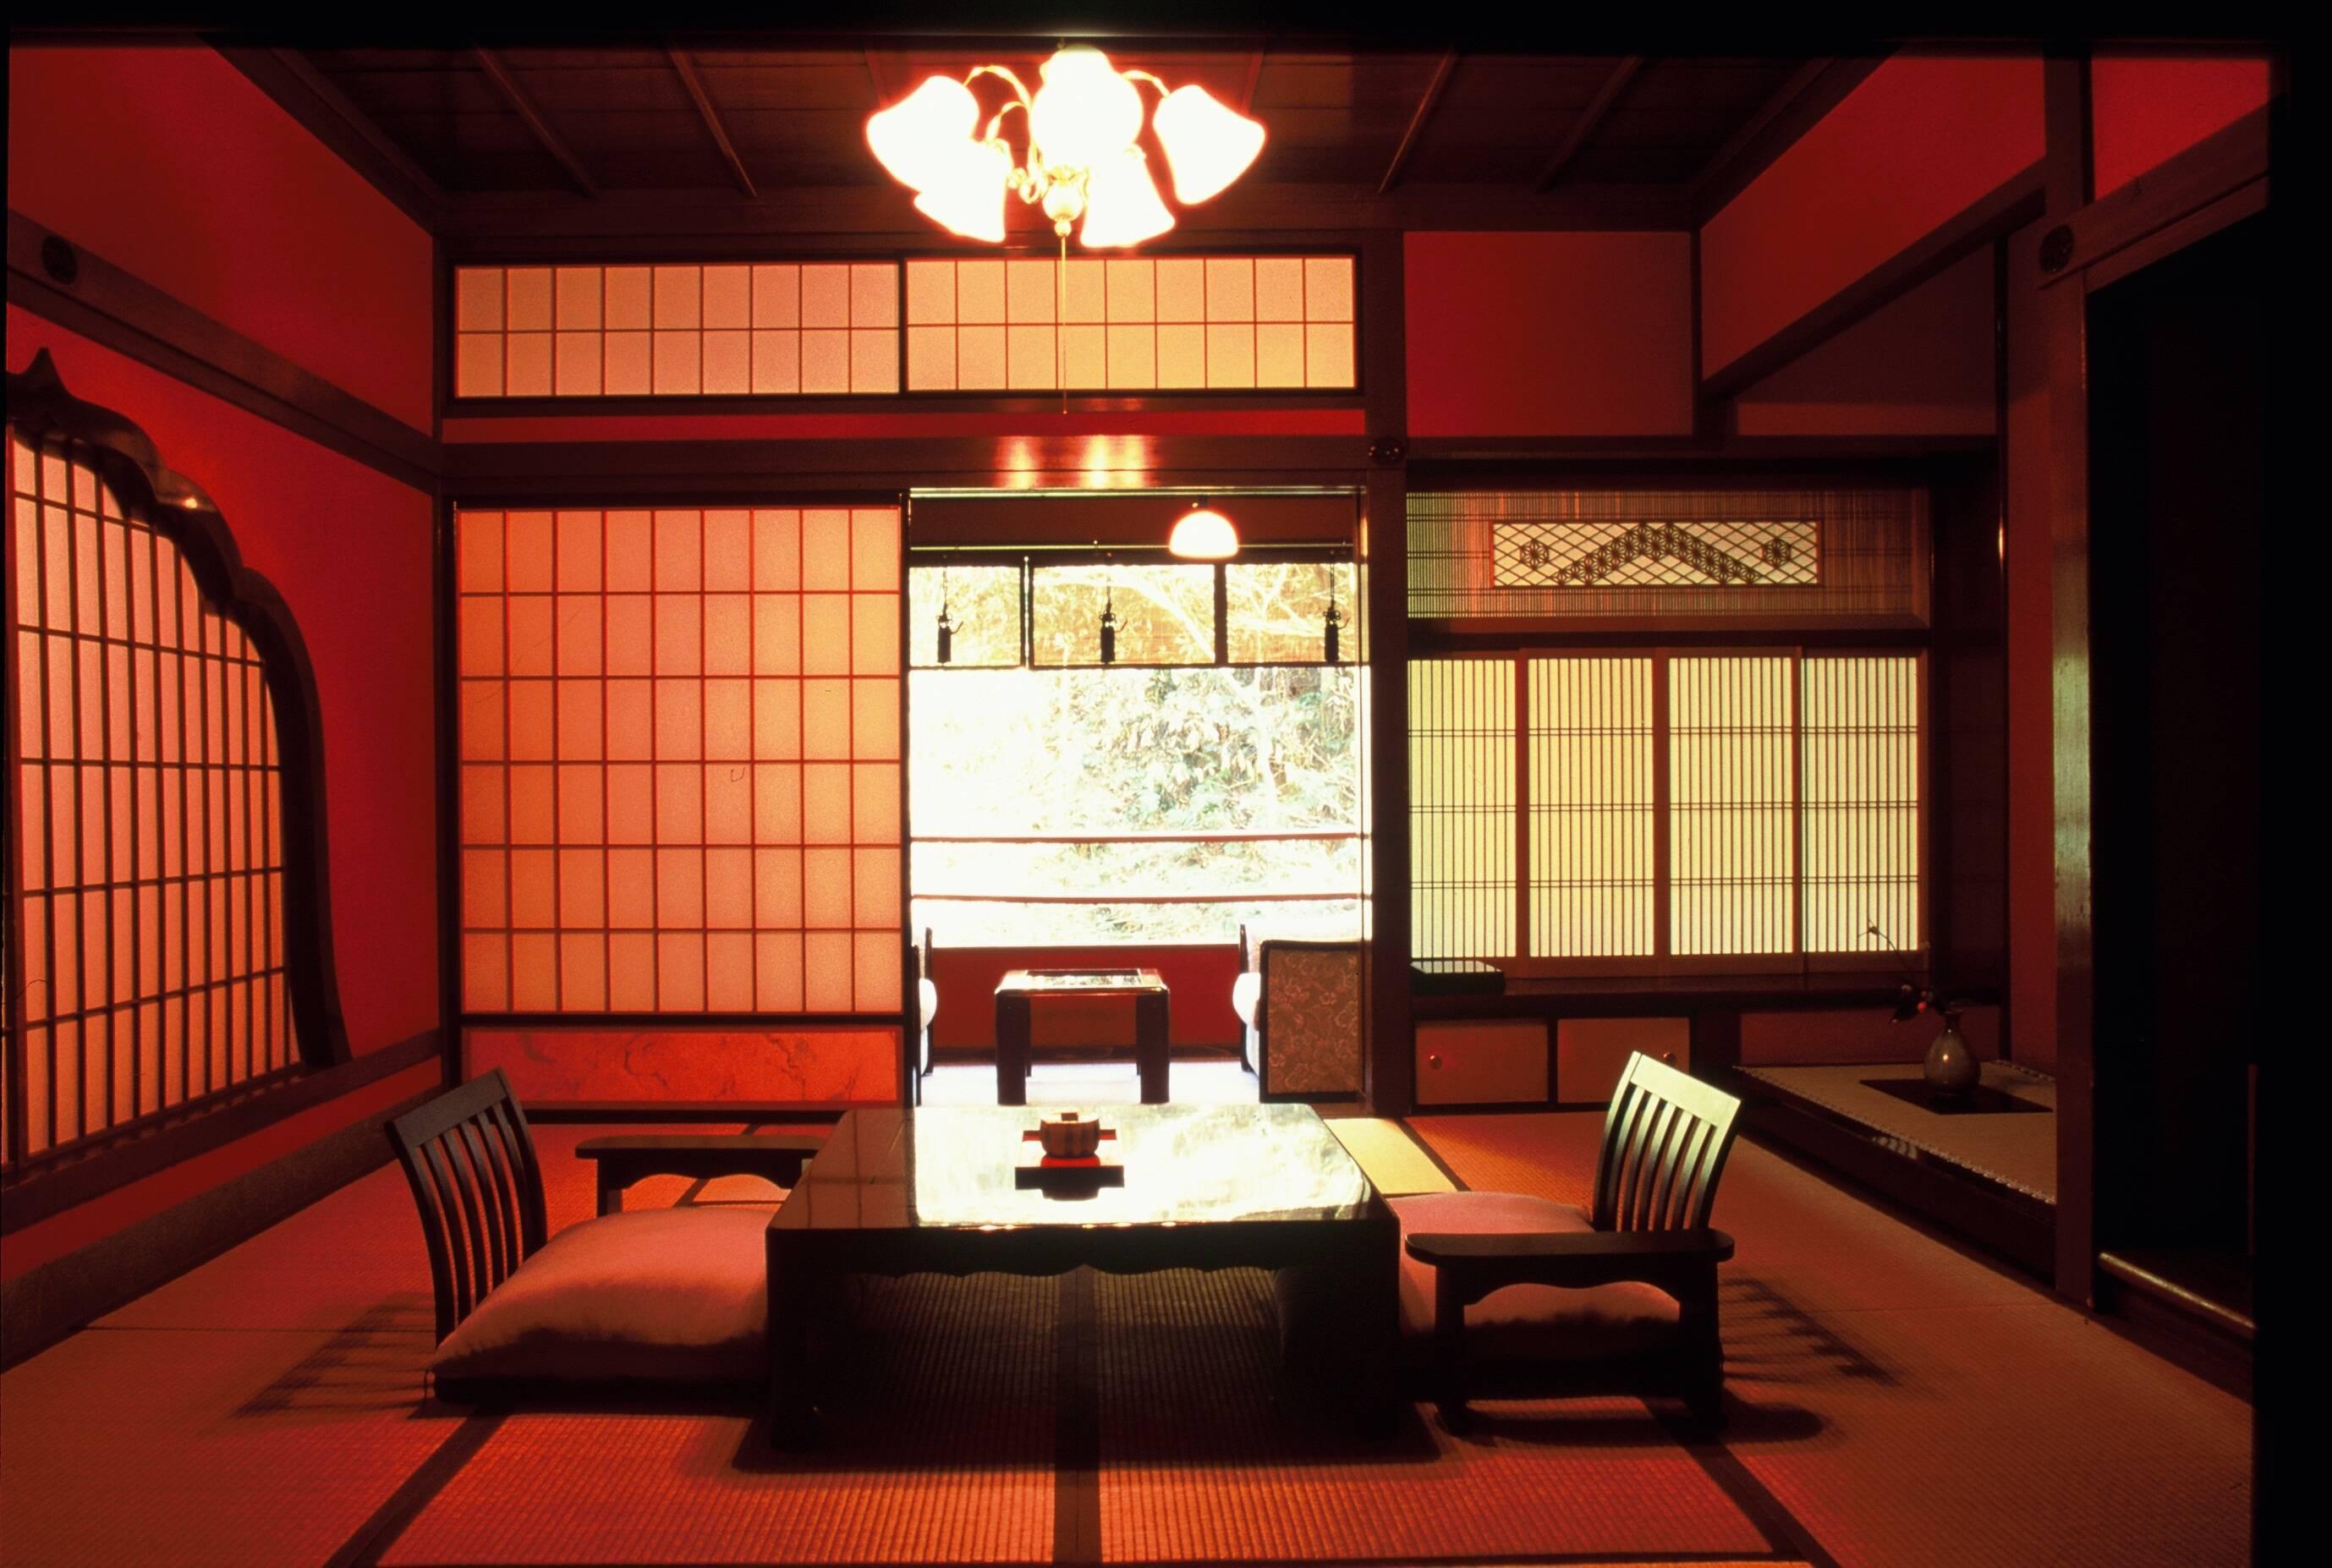 Kaga Araya Tototan Ryokan Salon Circuit Japon